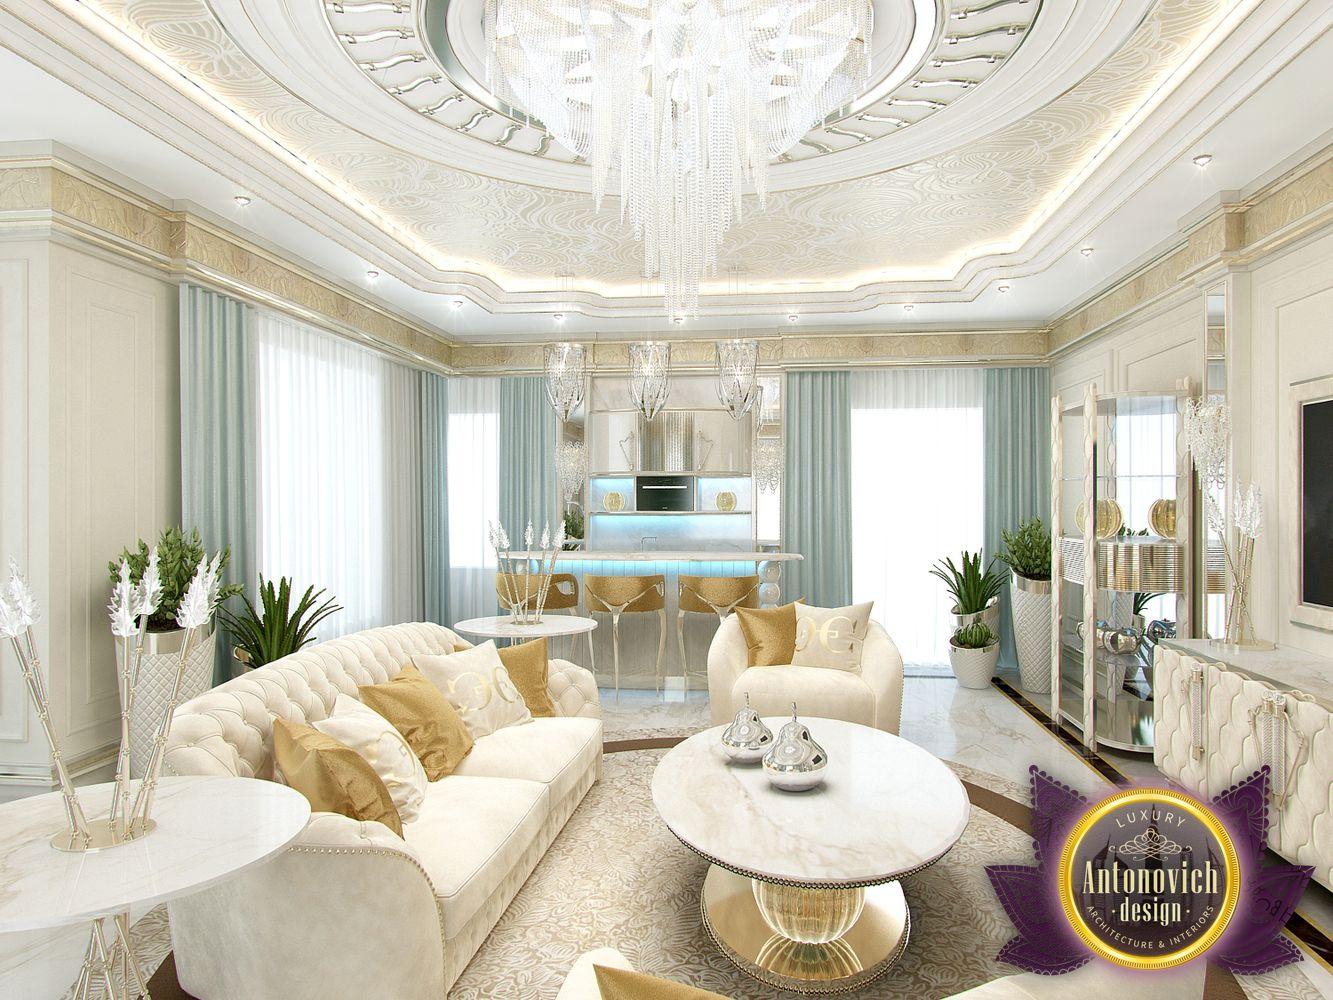 Luxury antonovich design uae sitting room interior by luxury antonovich design - Interior sitting rooms ...